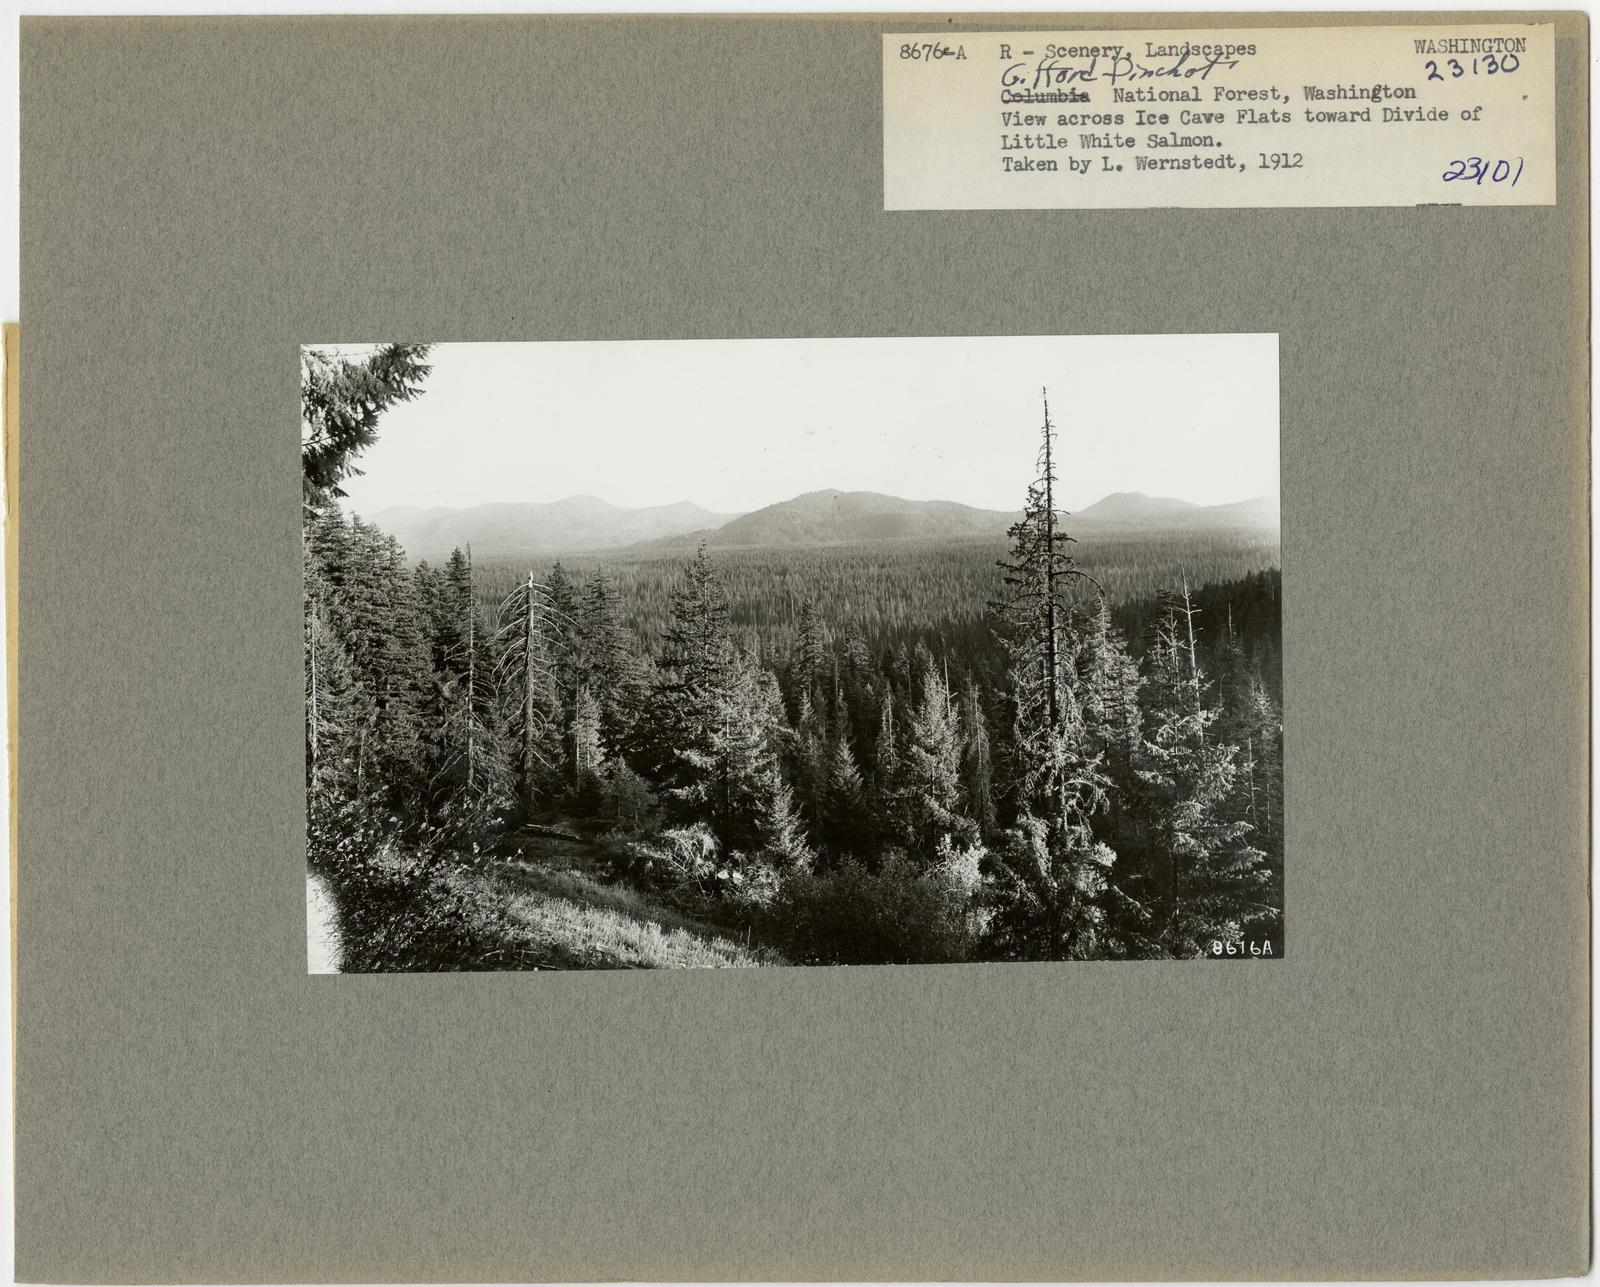 Scenery and Landscapes - Washington